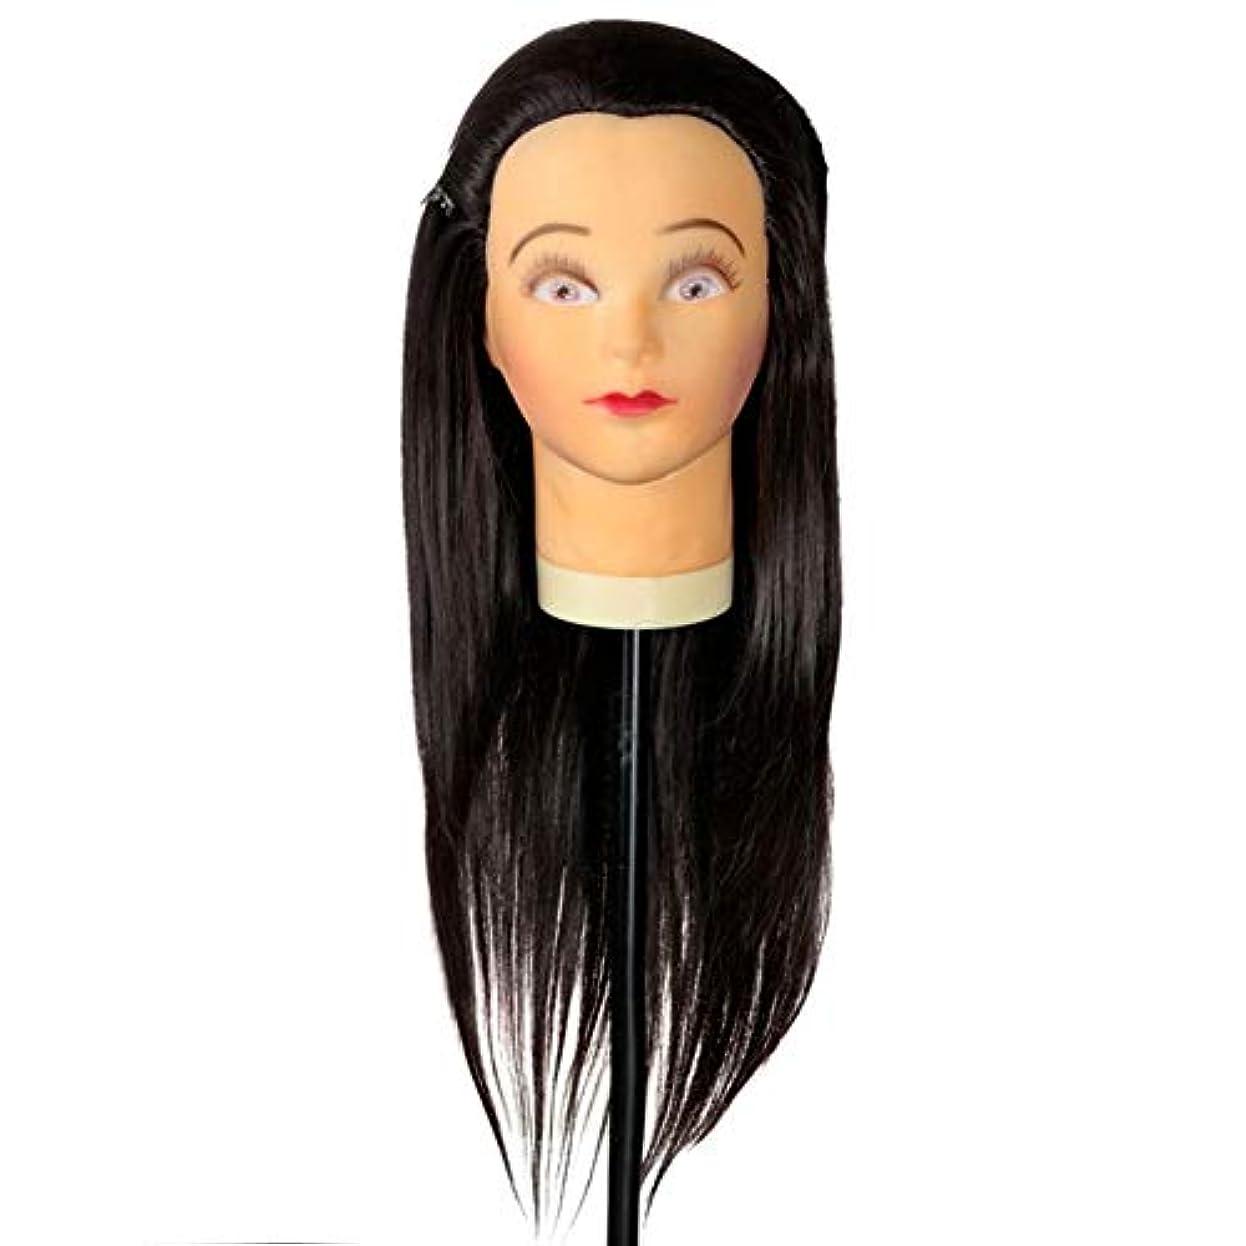 ラフレシアアルノルディ憂鬱背景メイクアップエクササイズディスク髪編組ヘッド金型デュアルユースダミーヘッドモデルヘッド美容ヘアカットティーチングヘッドかつら